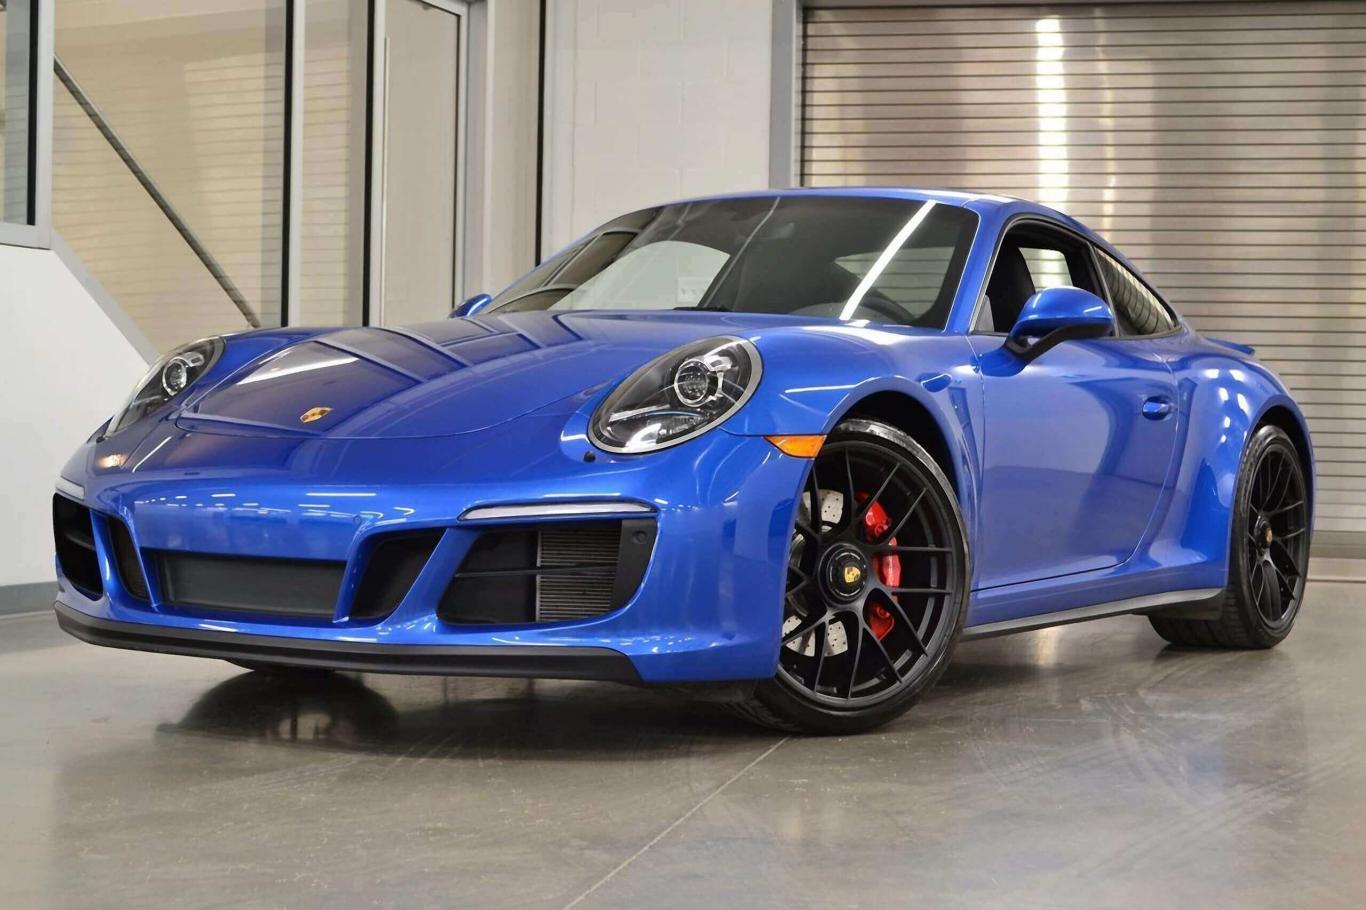 911 Carrera Gts >> Porsche 911 Carrera Gts